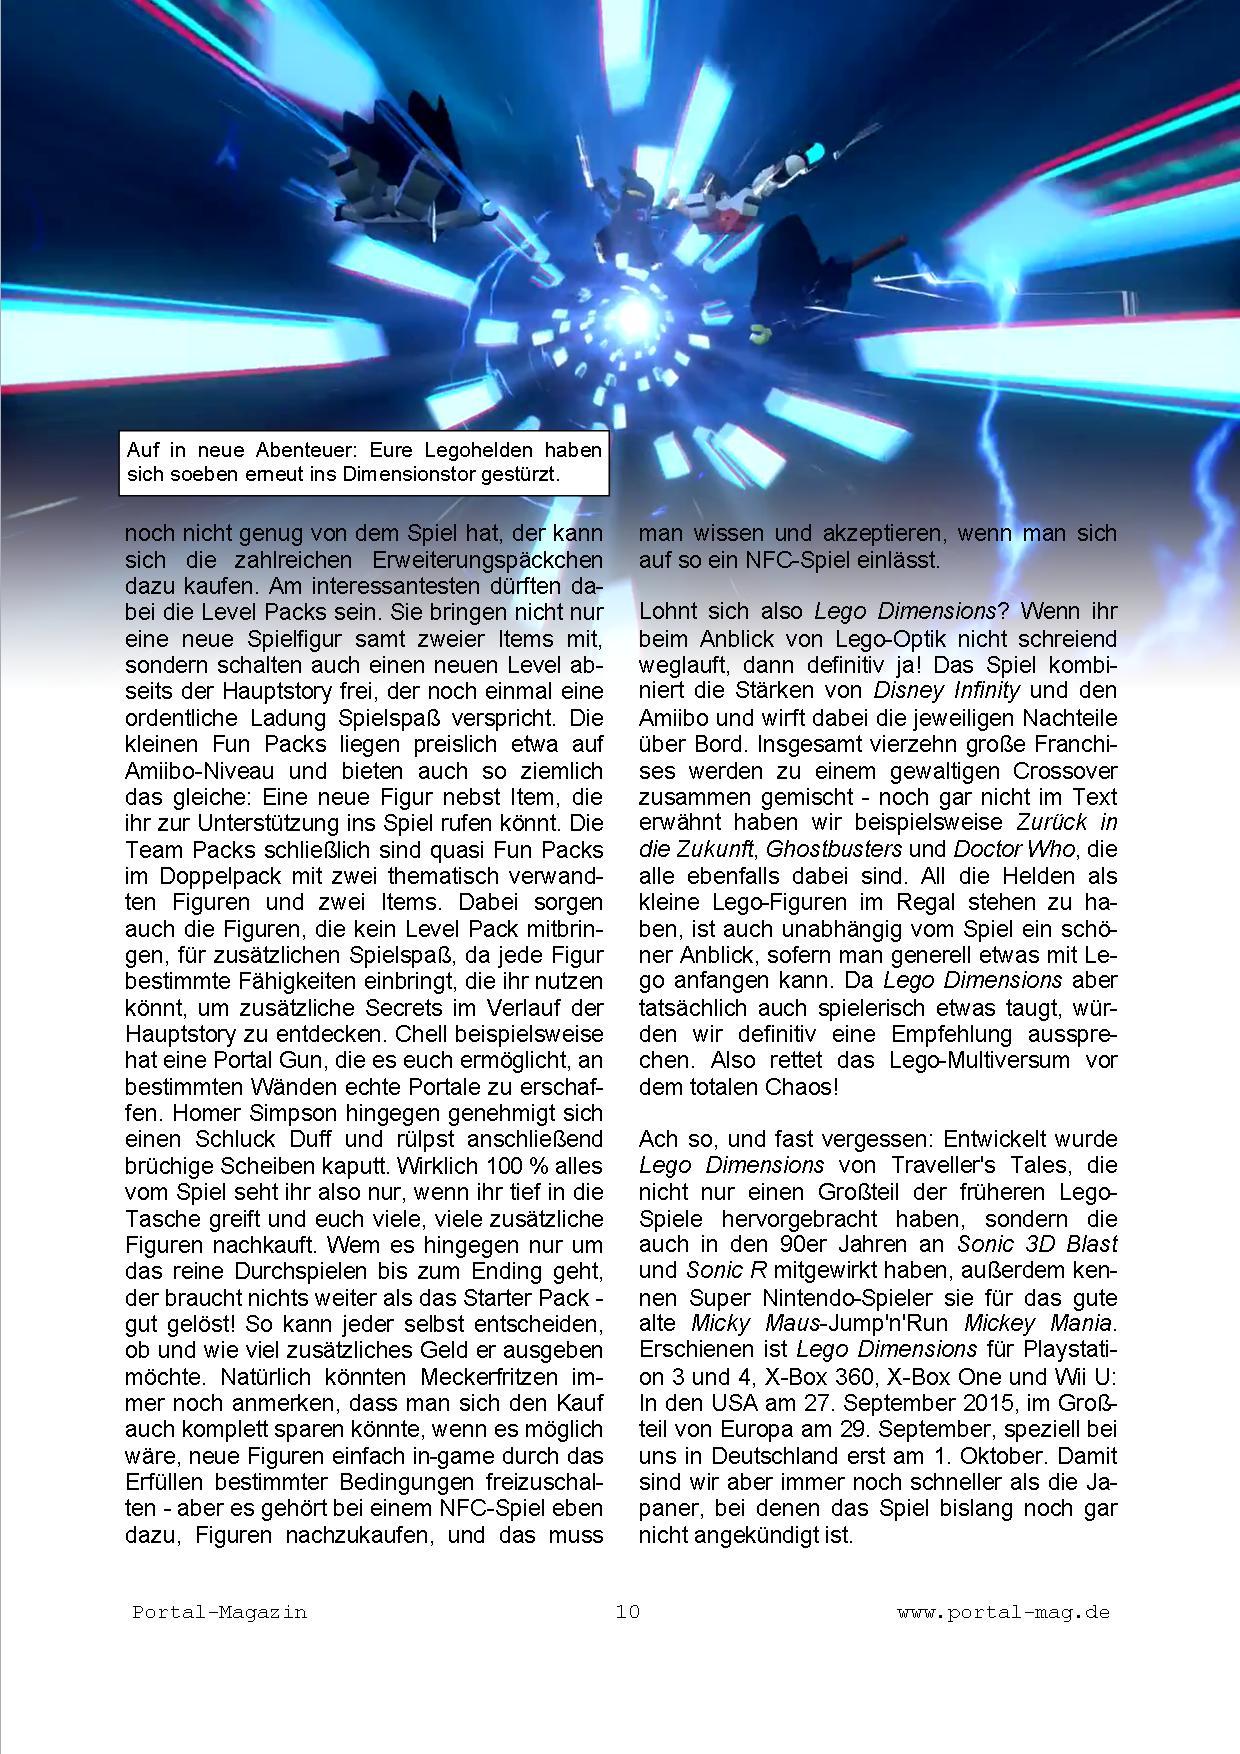 Ausgabe 32, Seite 10